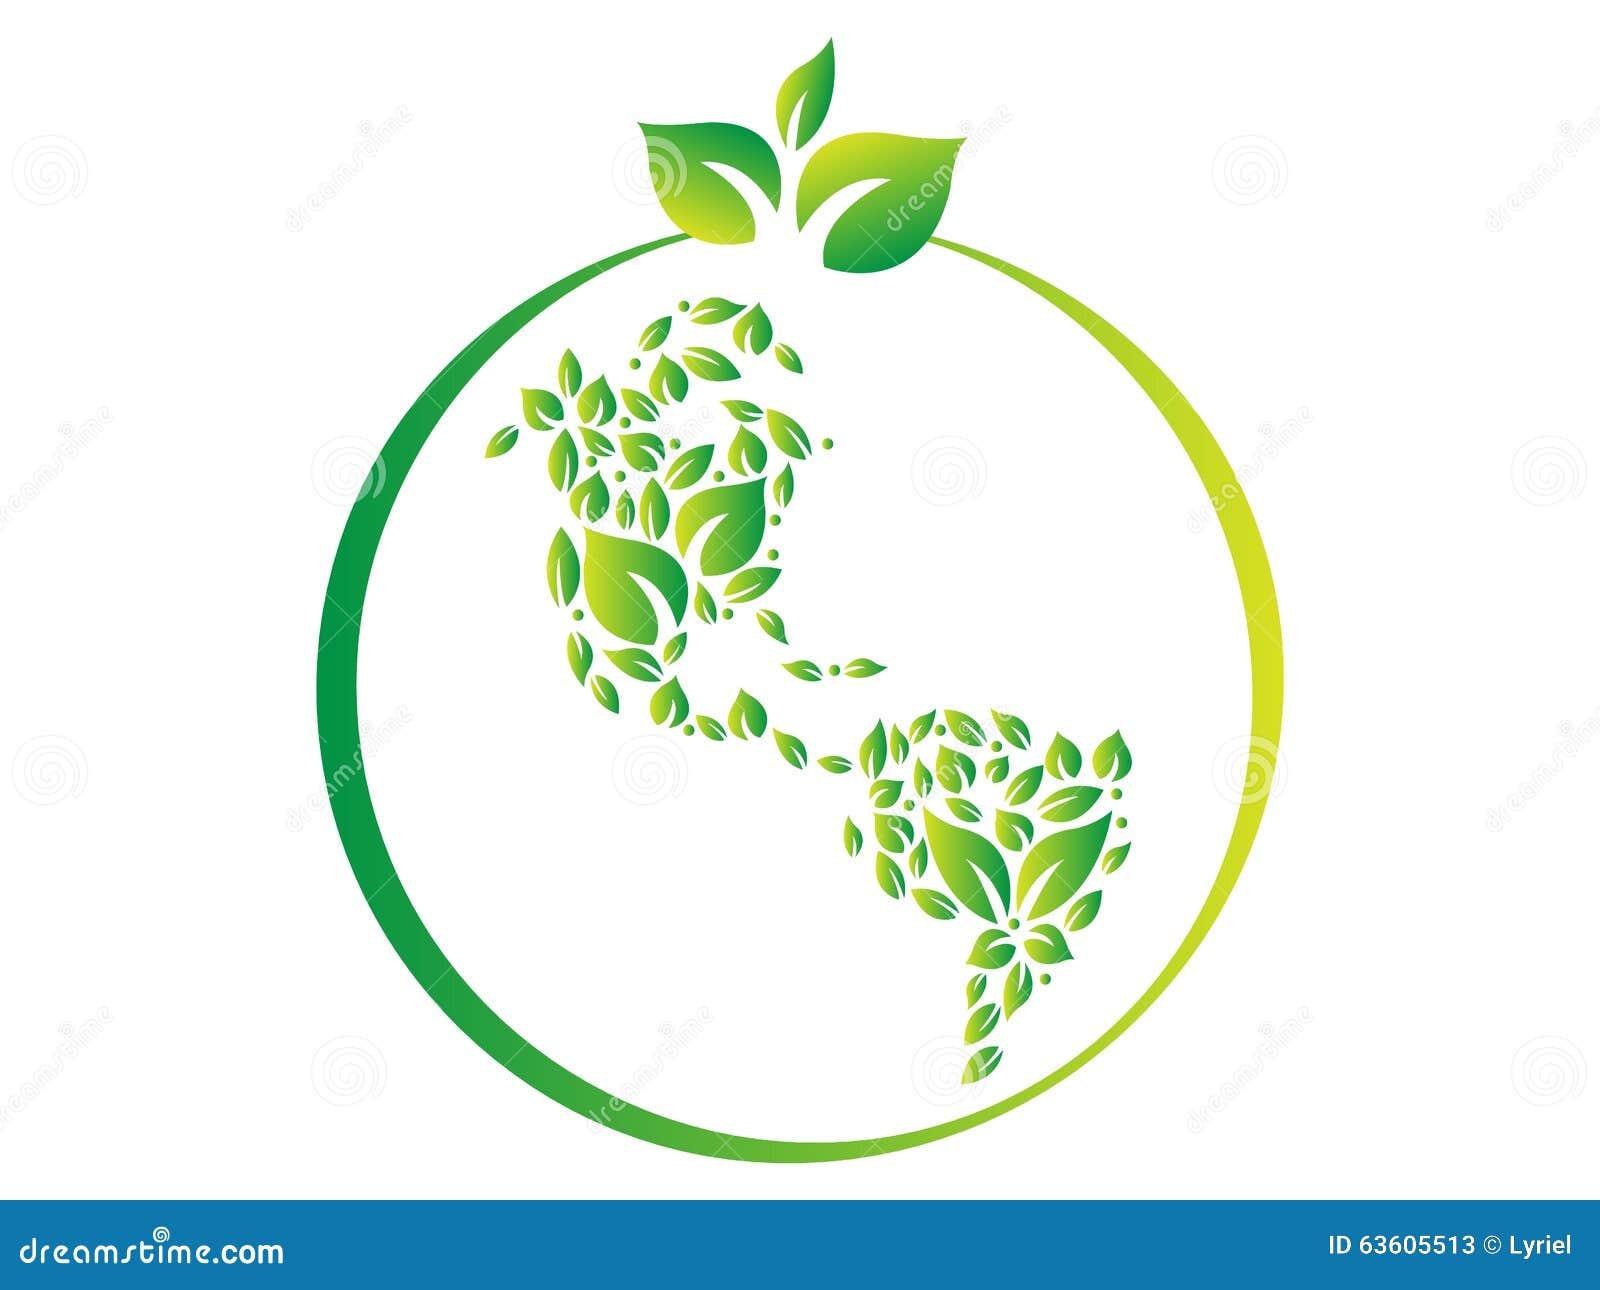 Green world logo stock vector. Image of abstract, ecology ... Green Earth Logo Vector